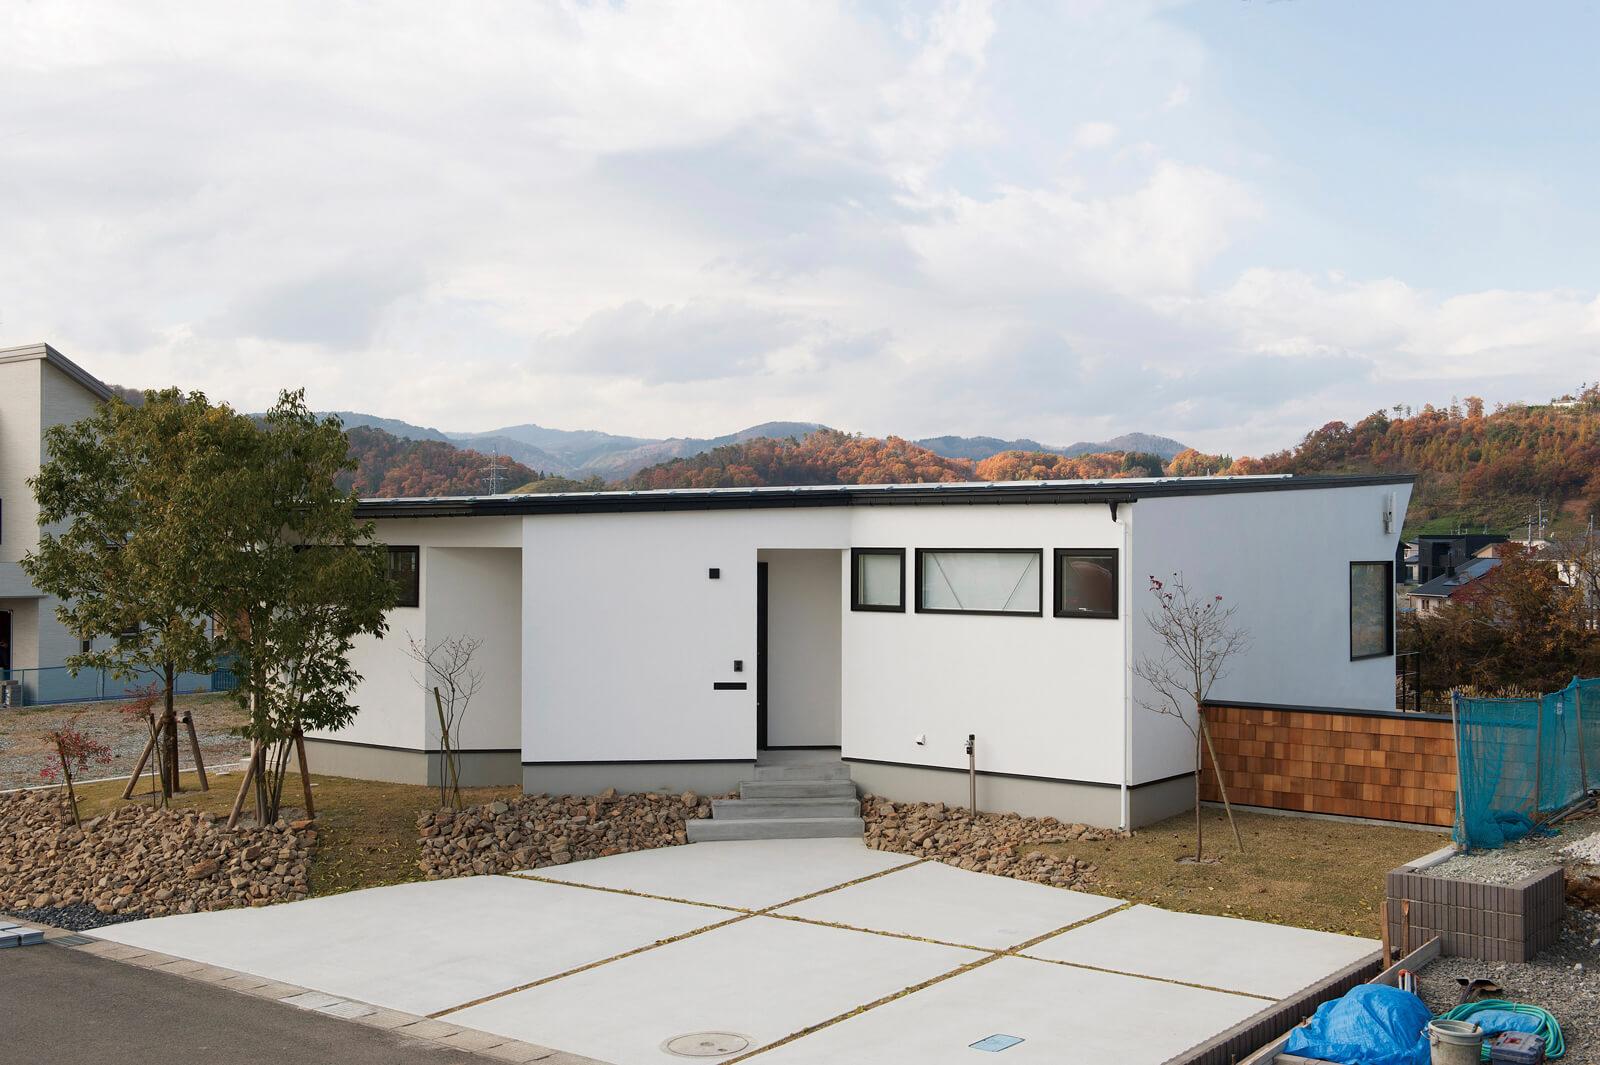 南東側から見た外観。フラットに近い屋根と白い外壁が印象的。道路に面しているので、あえて窓は小さくし、玄関の目隠しに壁を設置